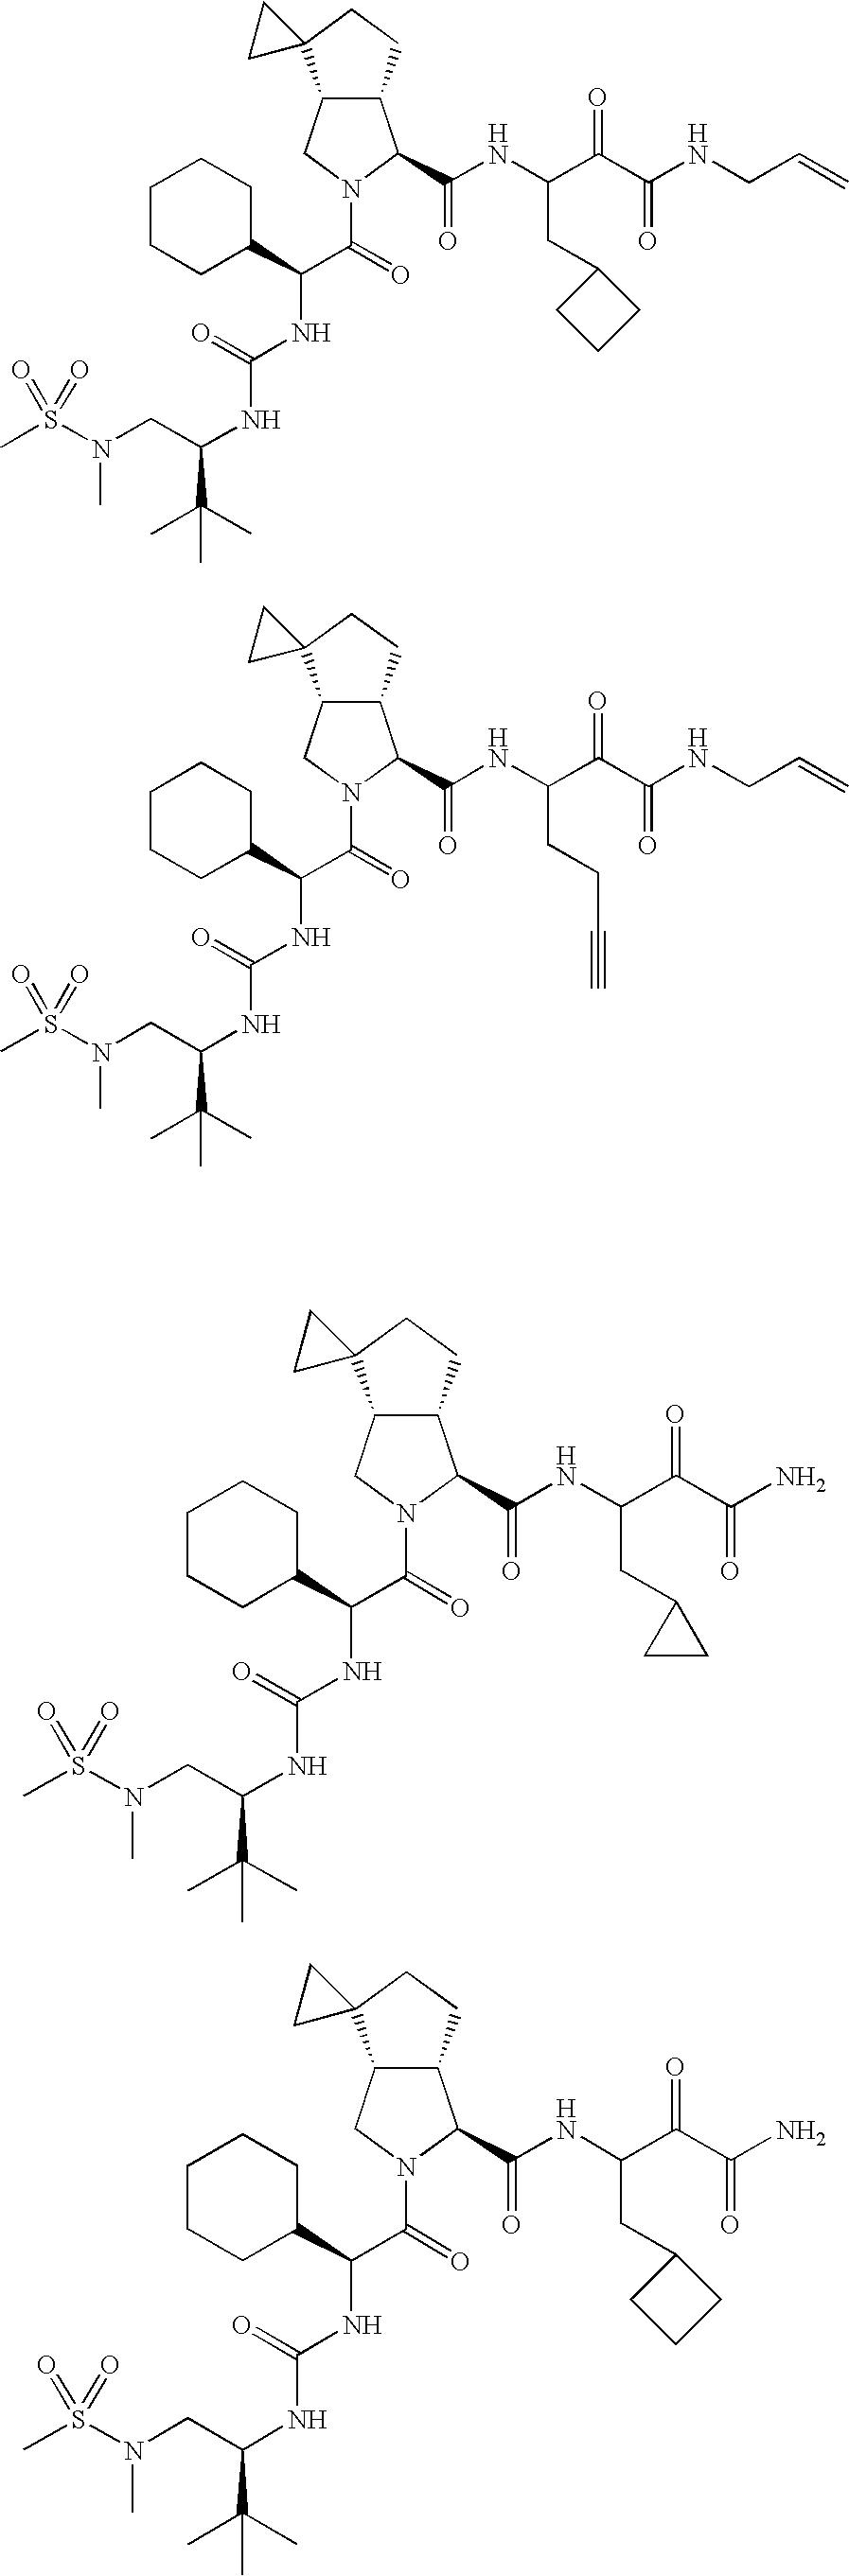 Figure US20060287248A1-20061221-C00500